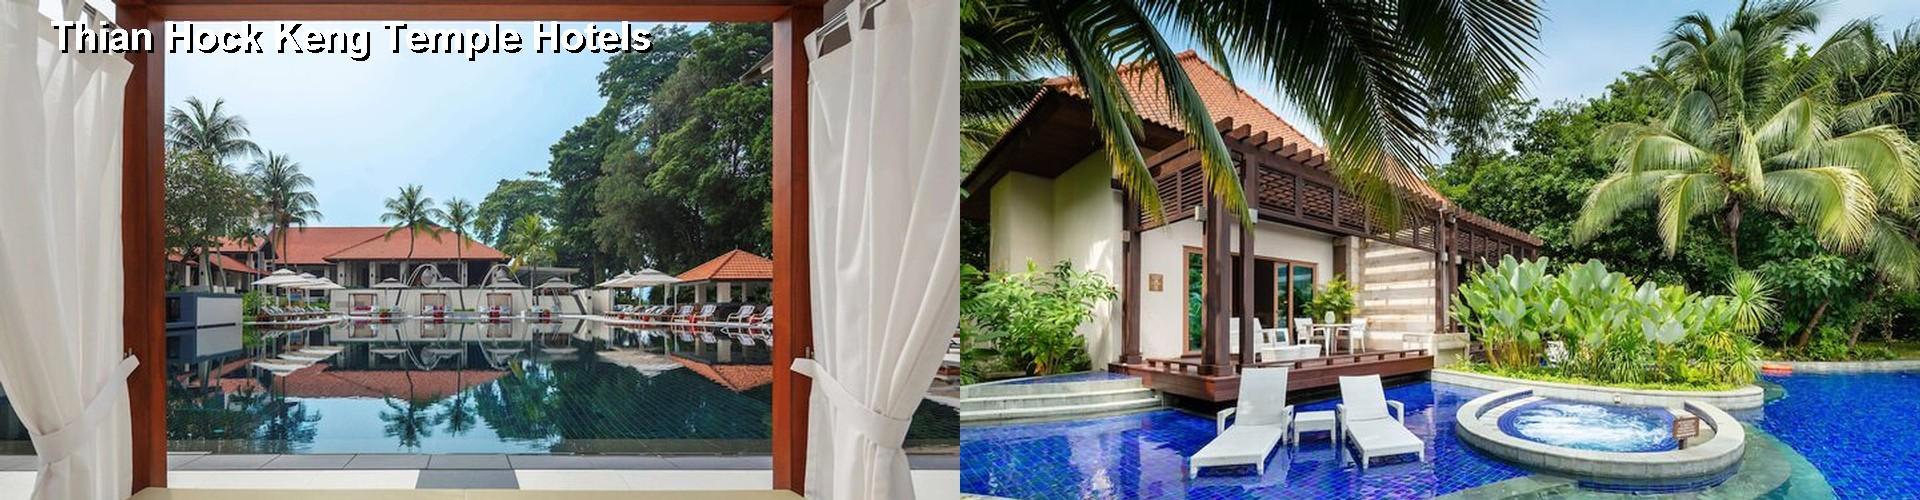 5 Best Hotels Near Thian Hock Keng Temple